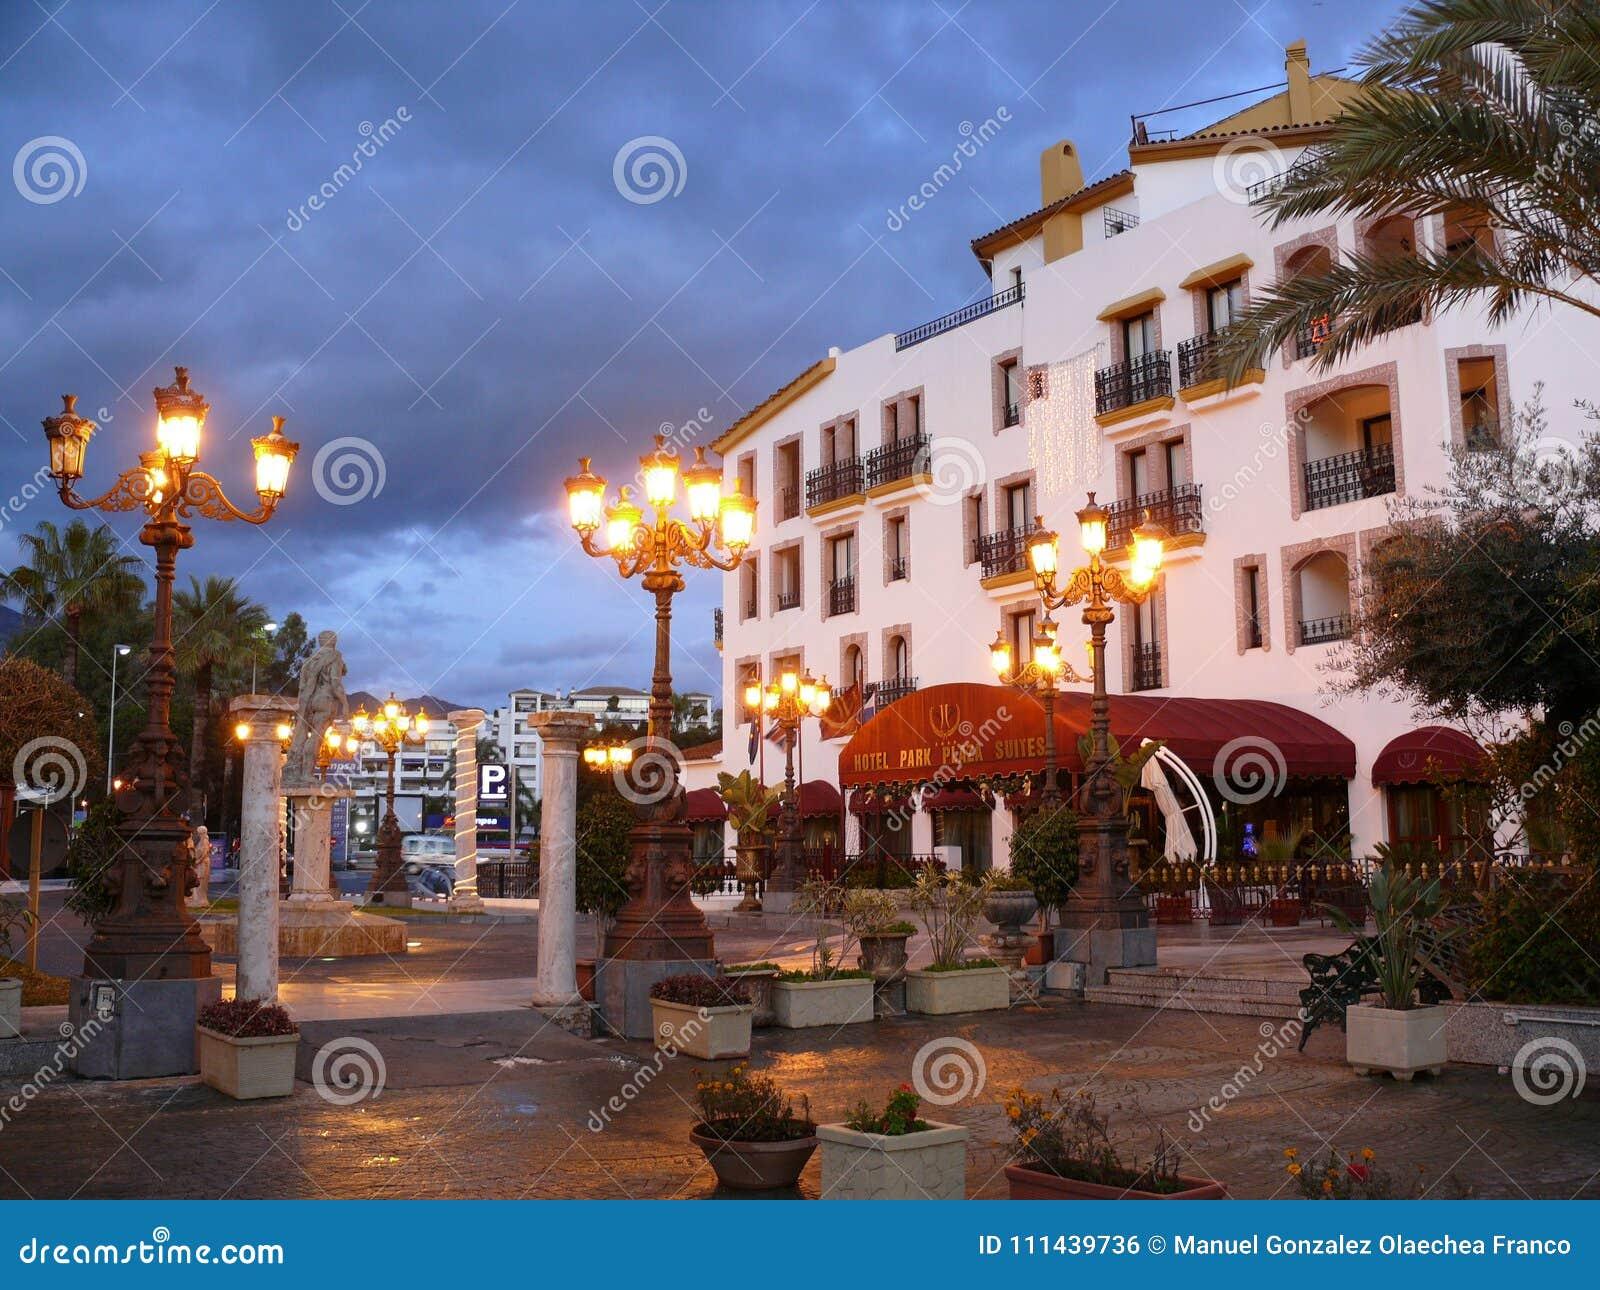 Urocza nocy scena hotel w Puerto Banus, Hiszpania